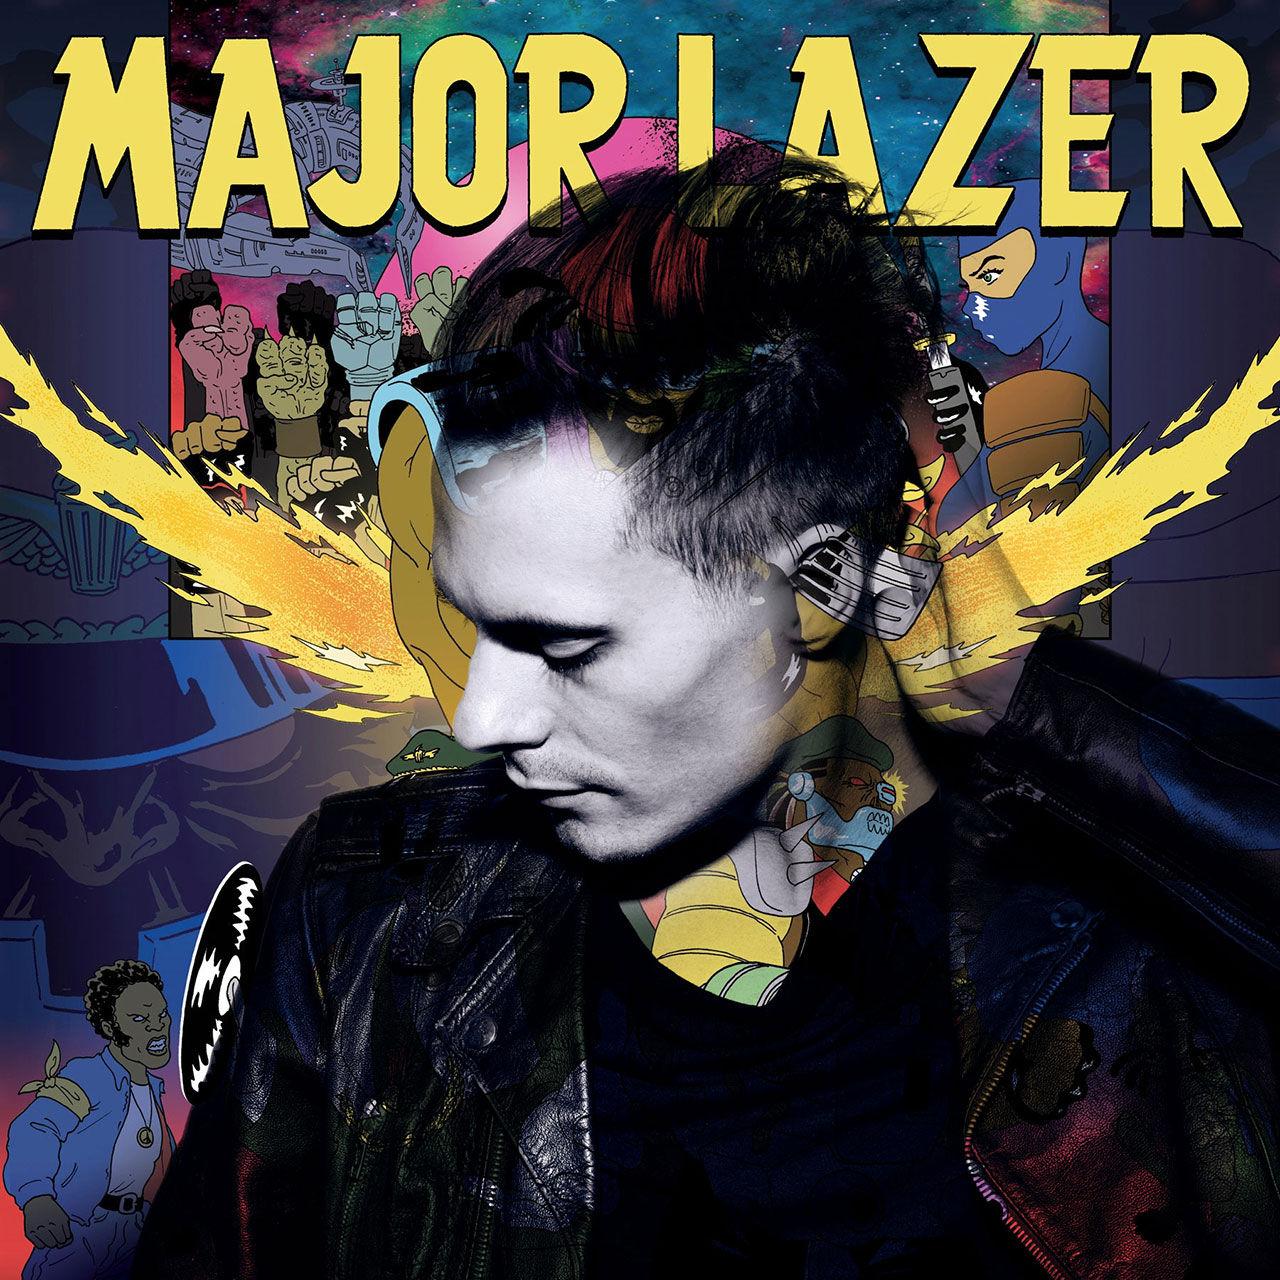 Oskar Linnros x Major Lazer